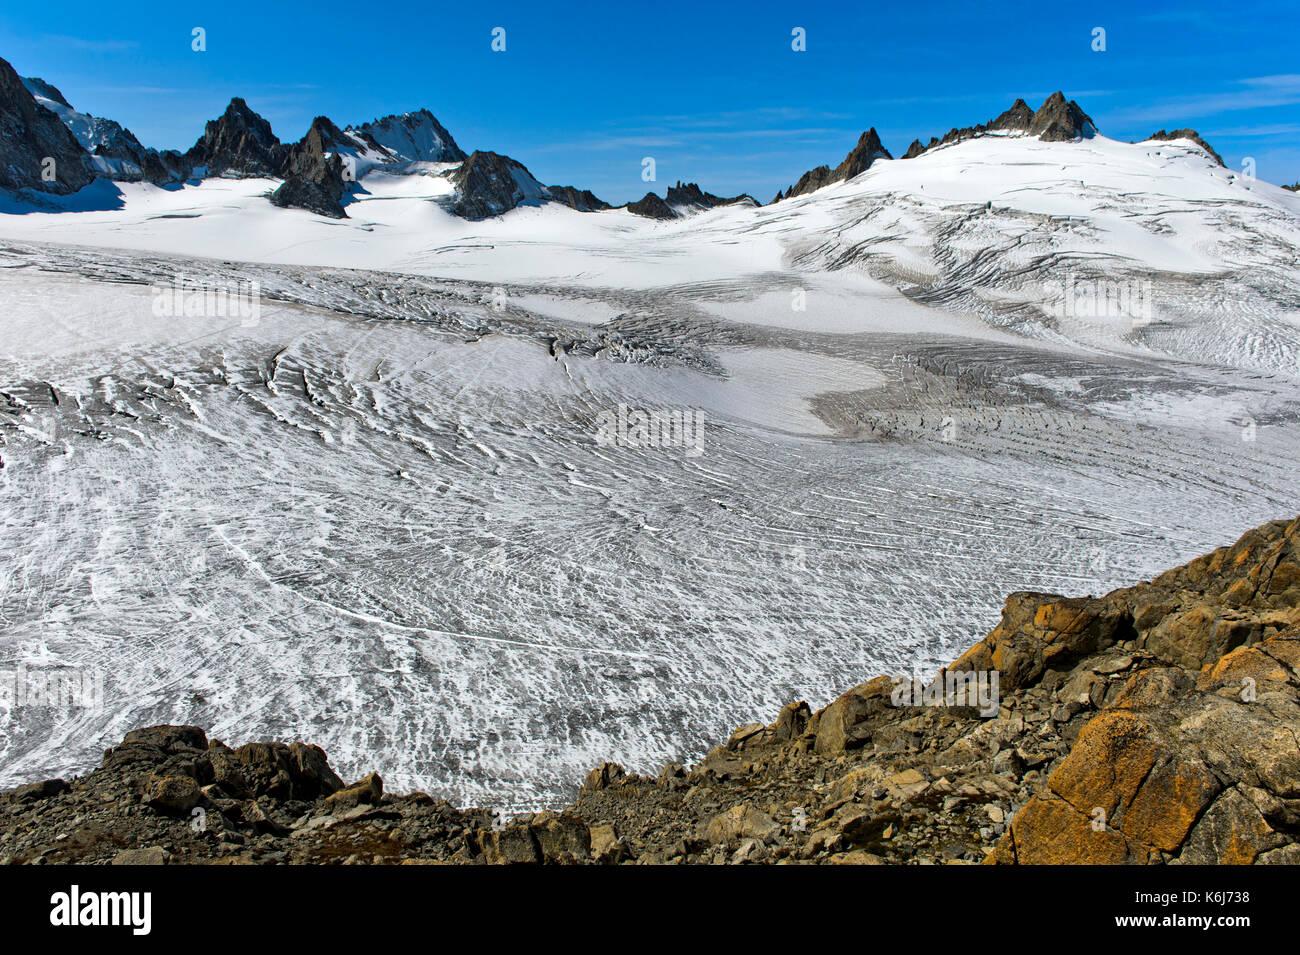 The ice area Plateau du Trient, main peaks Aiguille du Chardonnet und Aiguilles du Tour behind, Valais, Switzerland - Stock Image